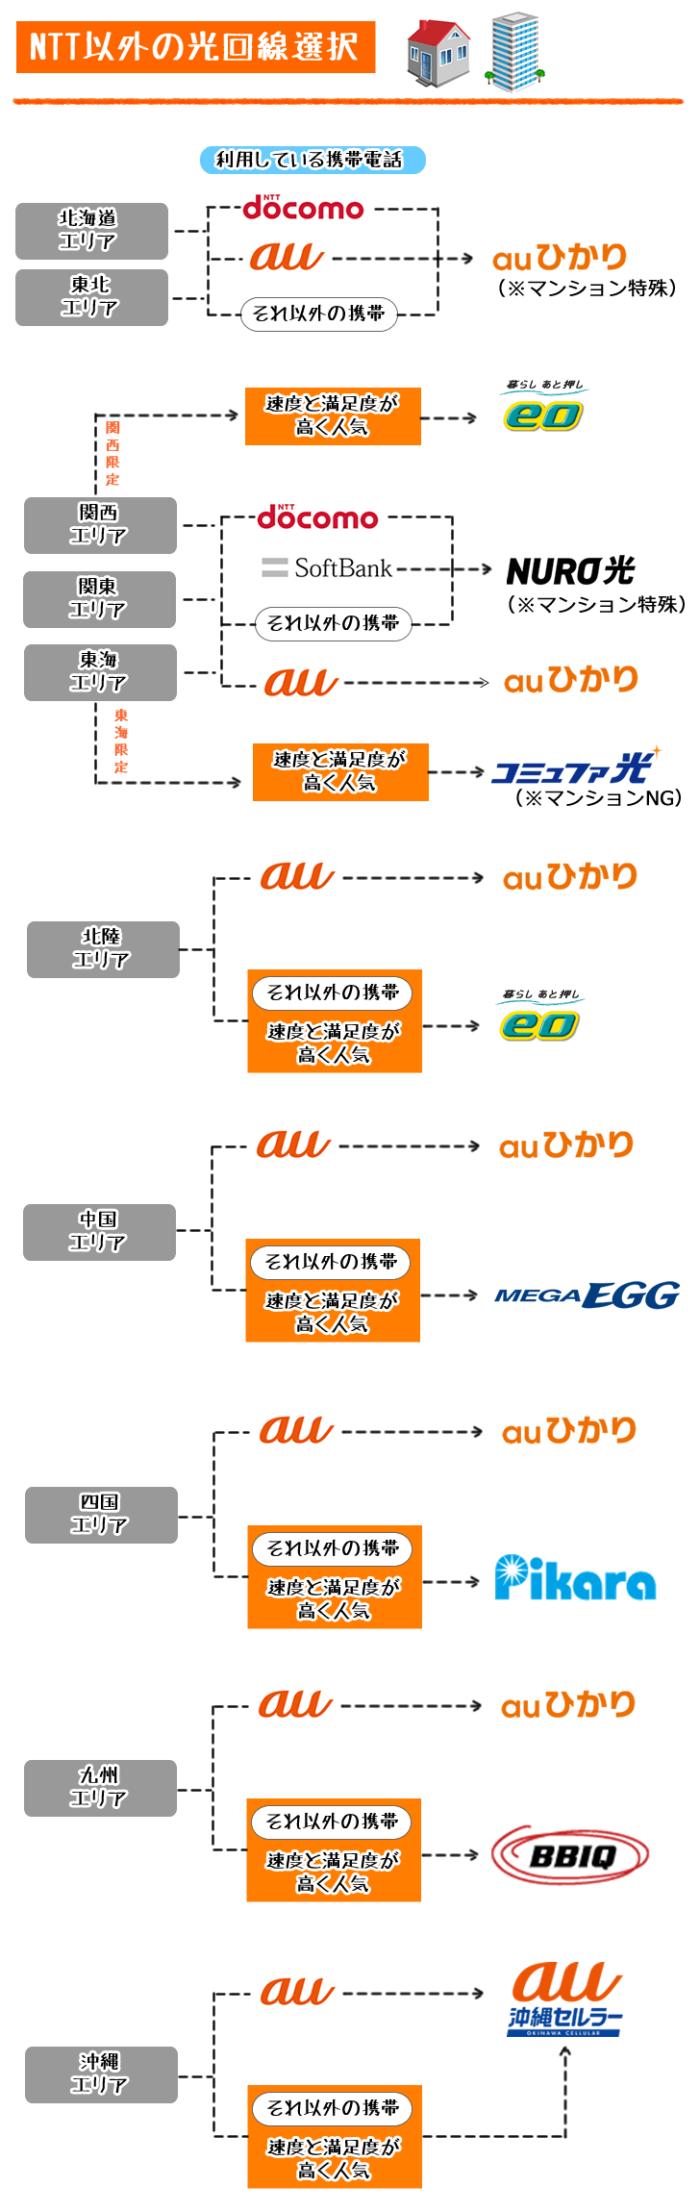 都道府県別NTT以外の光回線比較表